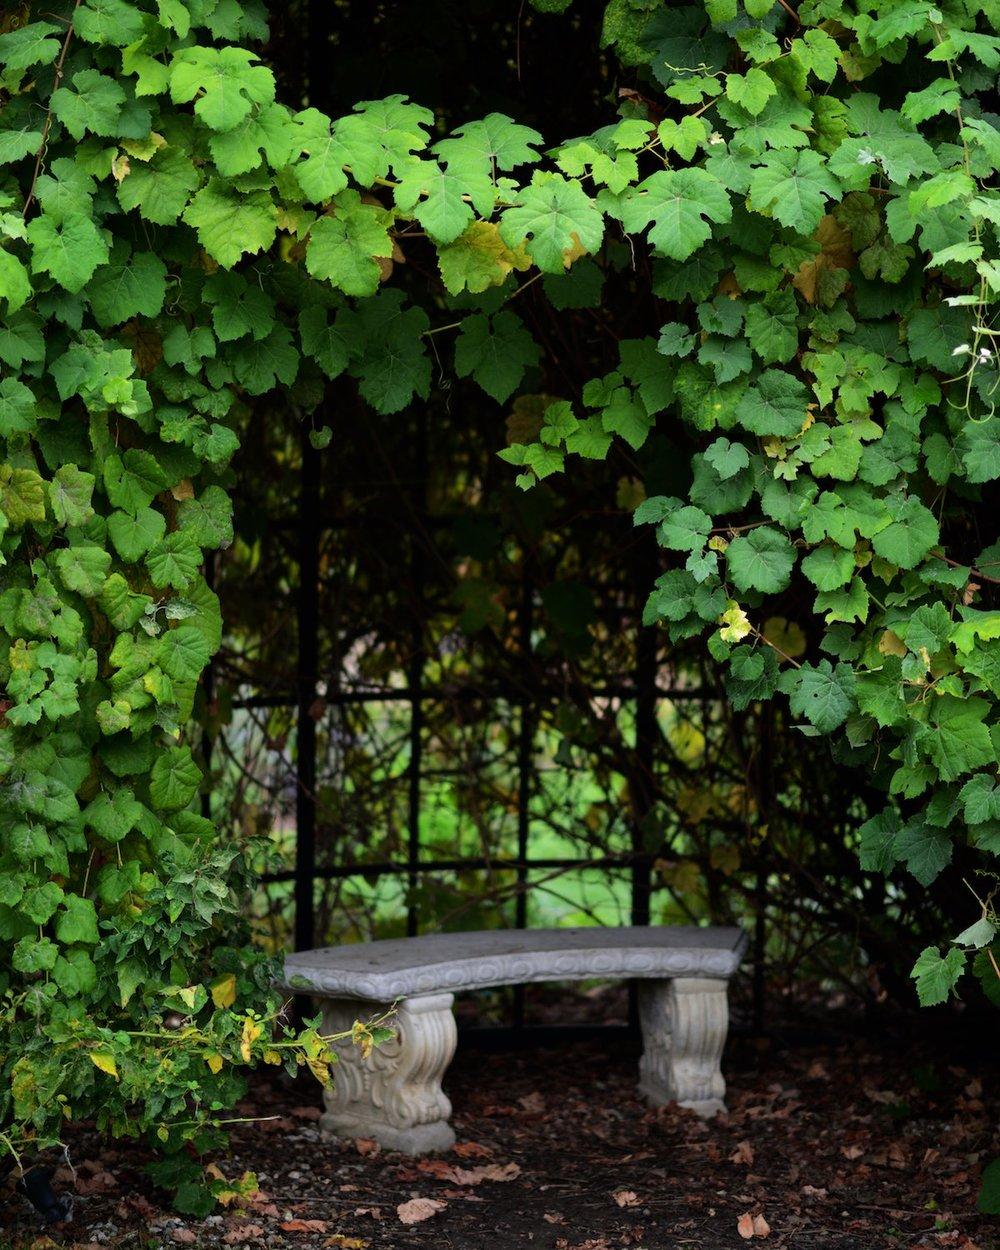 descanso-gardens-michal-pfeil-25.jpg